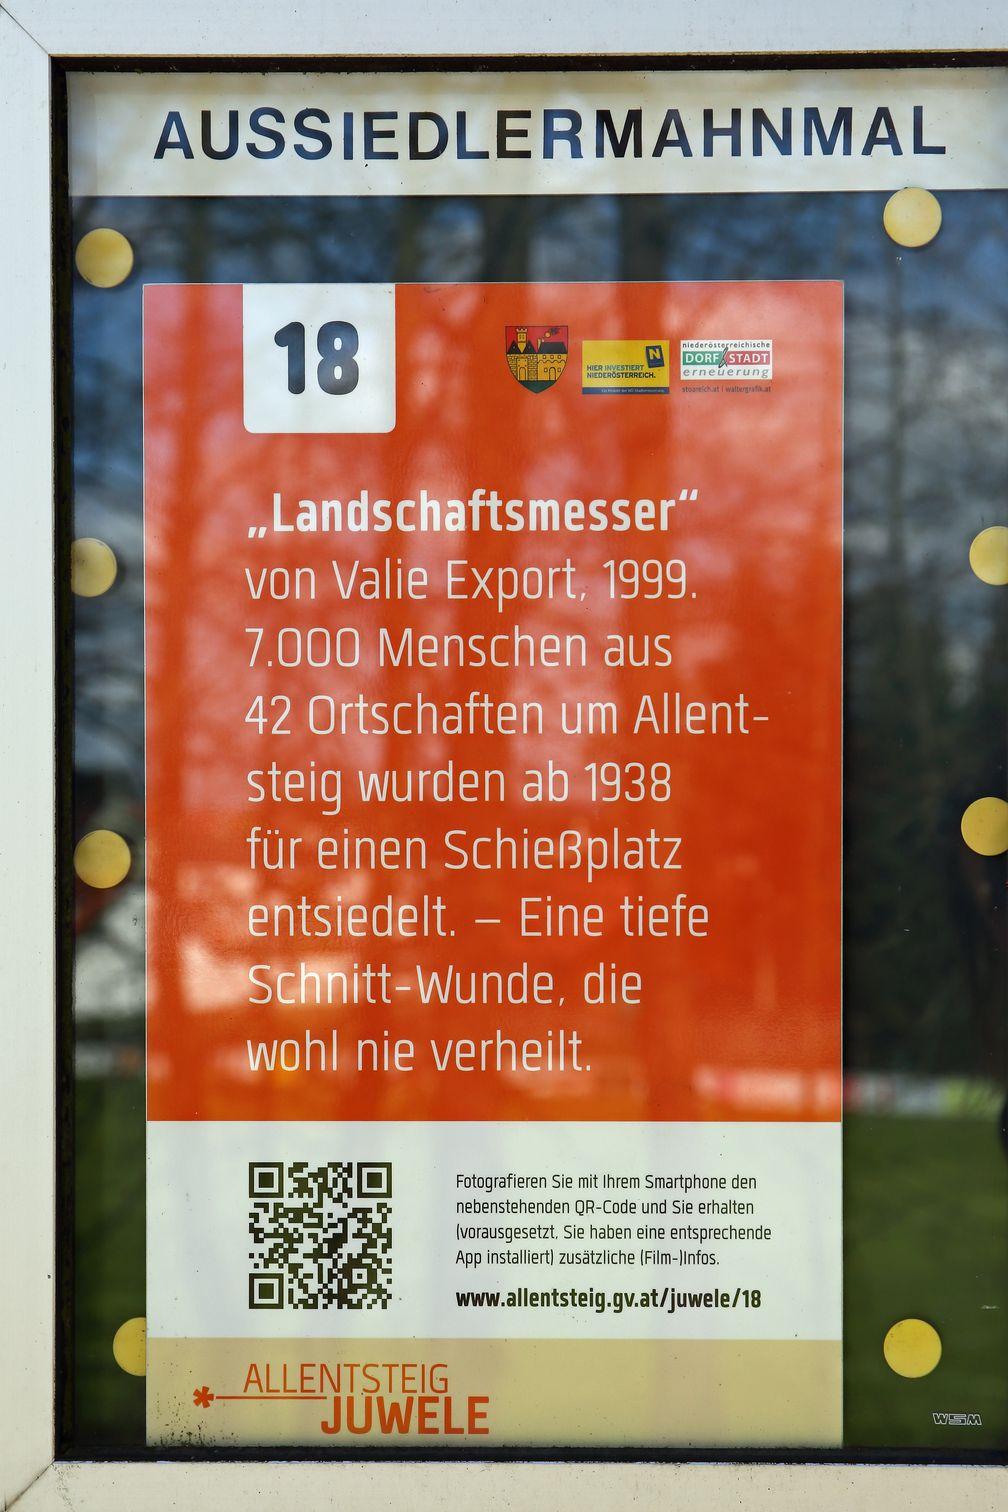 Valie Export Aussiedlerdmahnmal in Niederösterreich